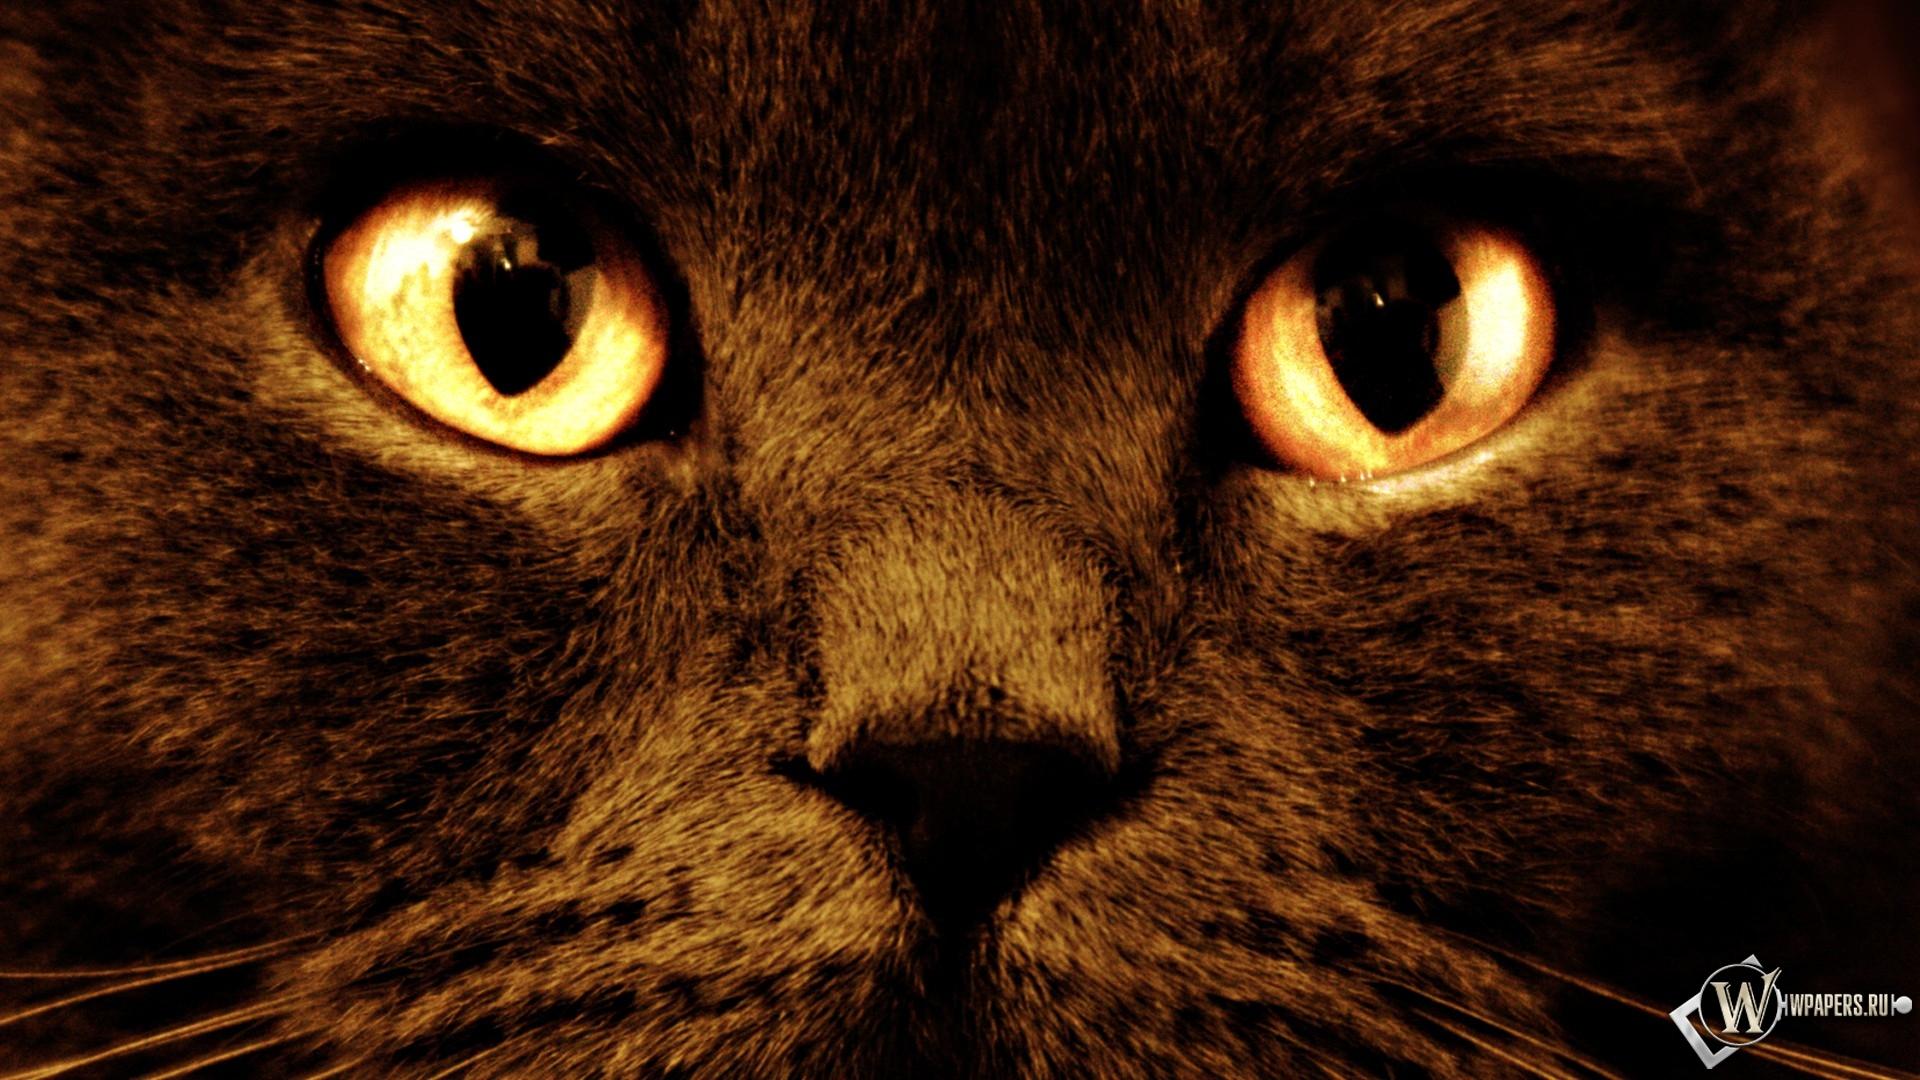 Черный кот с оранжевыми глазами 1920x1080